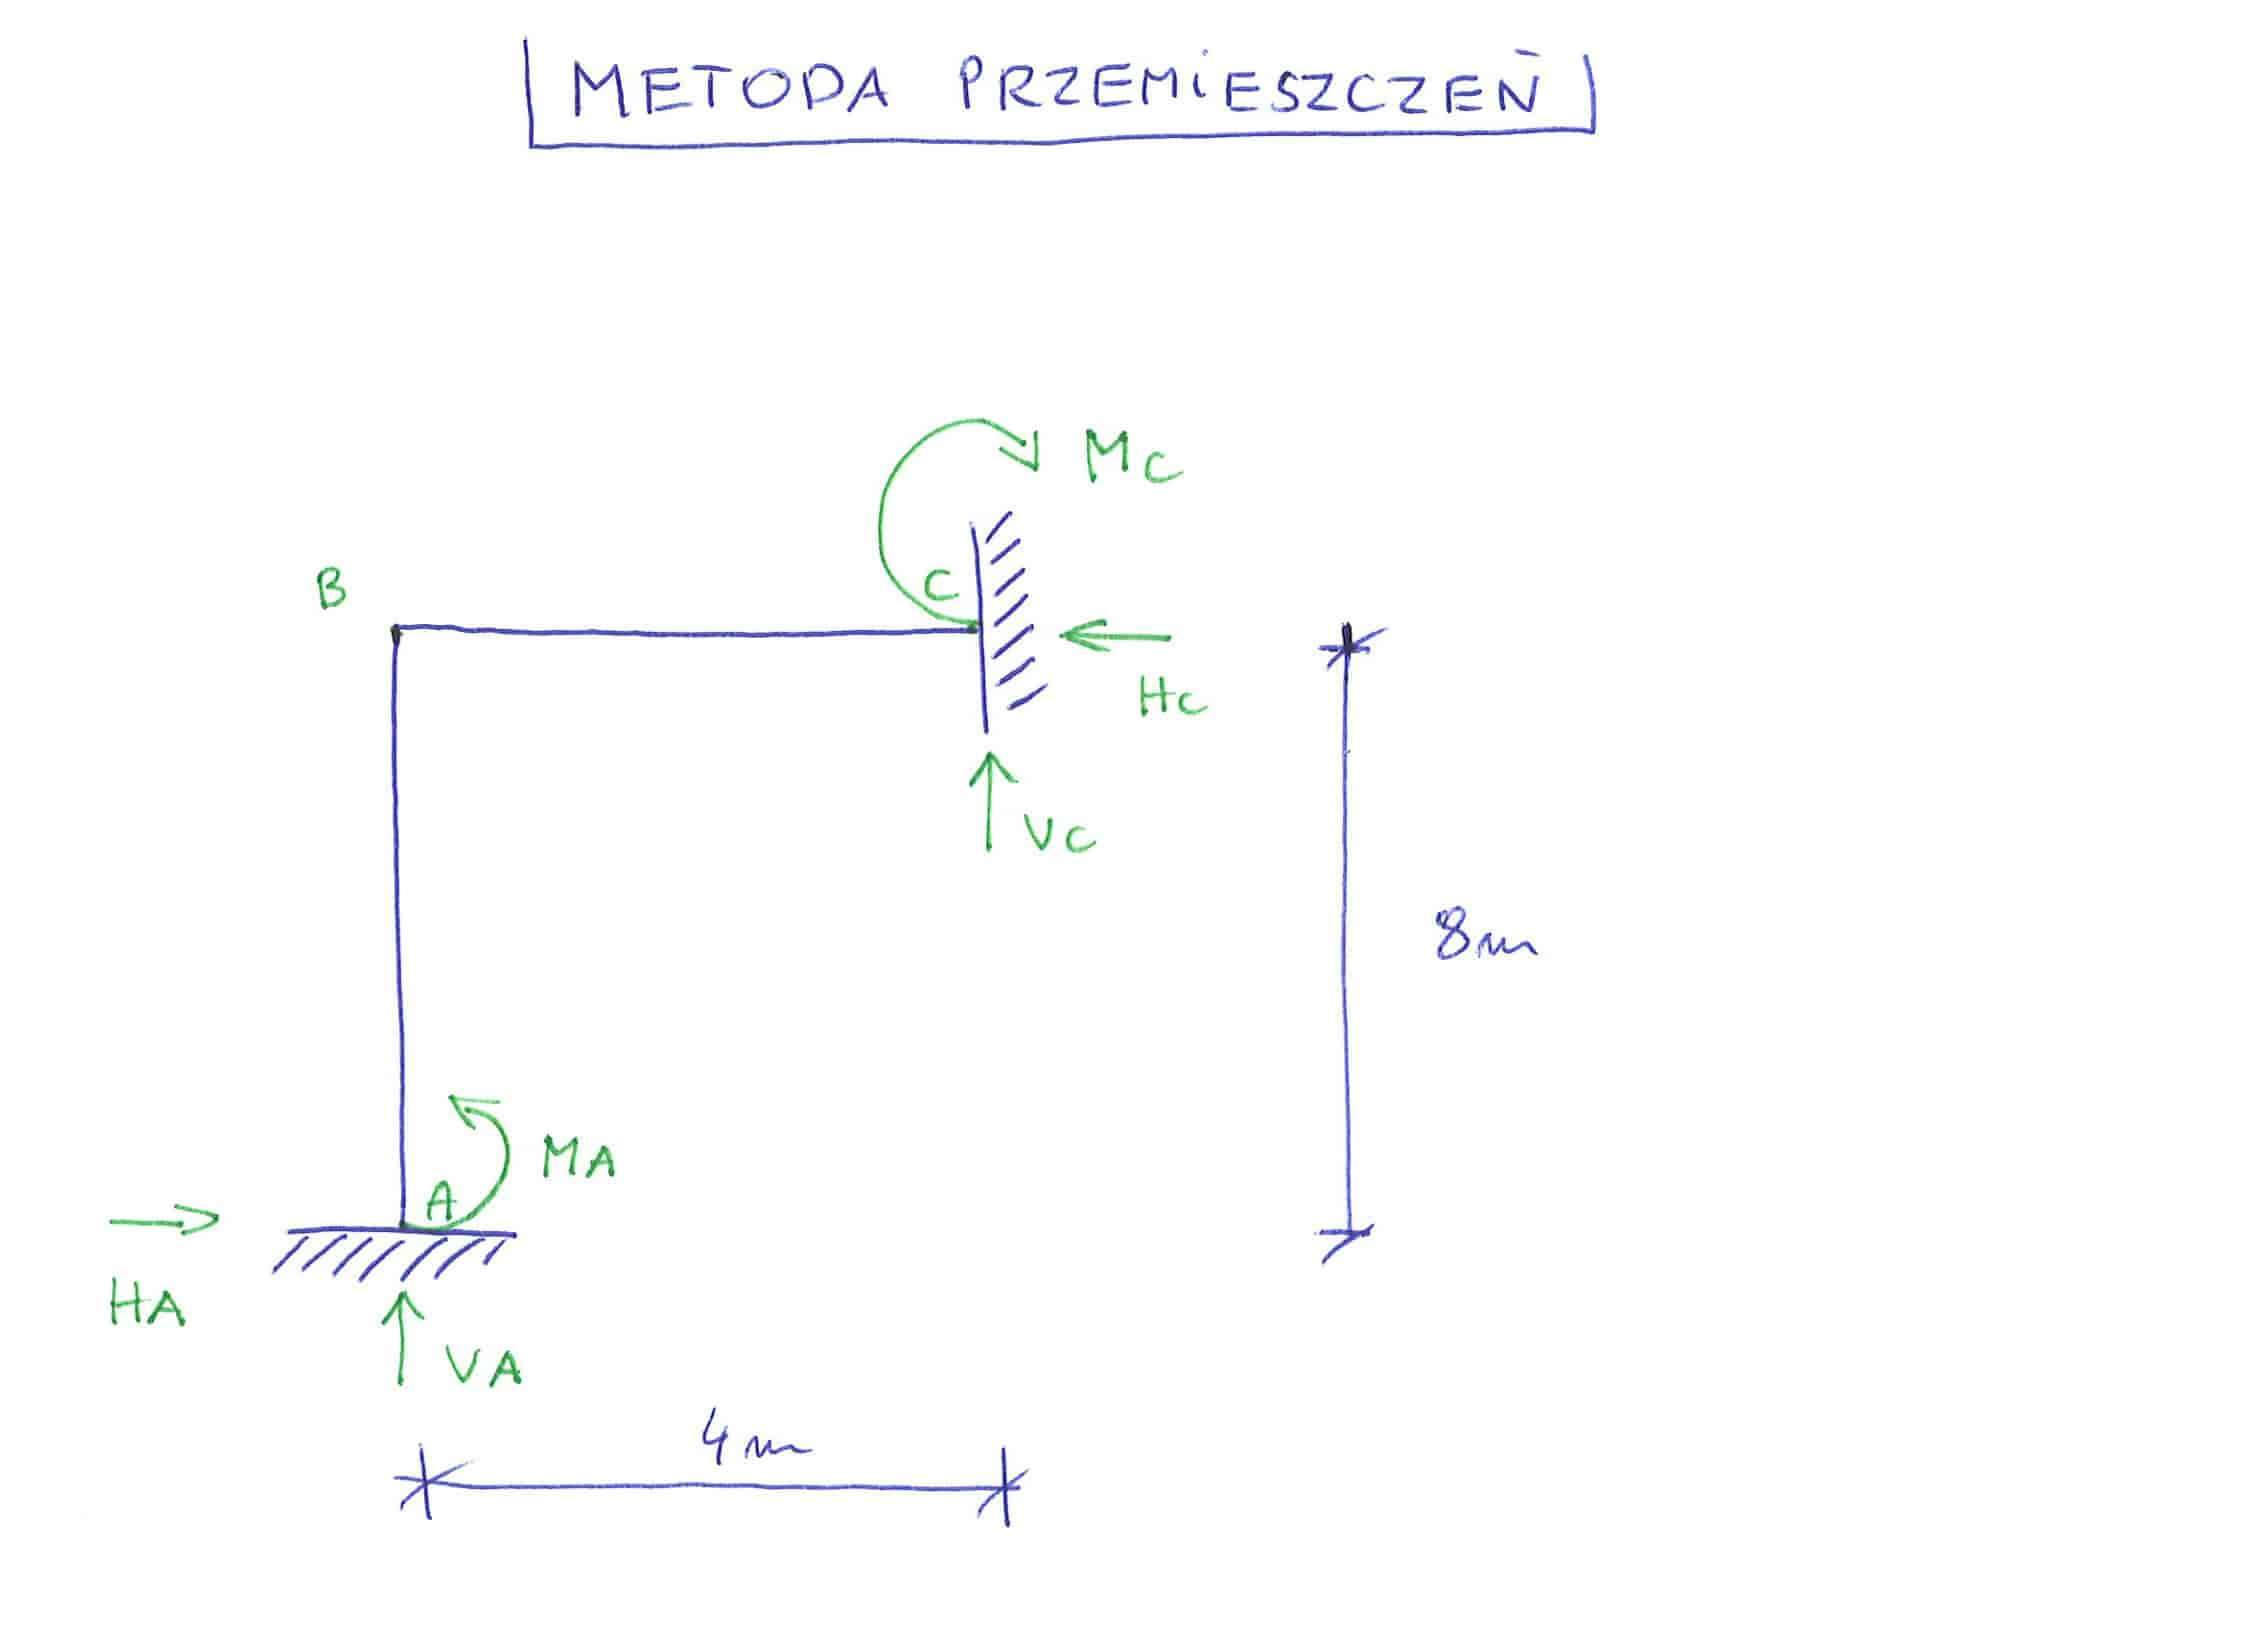 metoda przemieszczeń rama geometrycznie niewyznaczalna